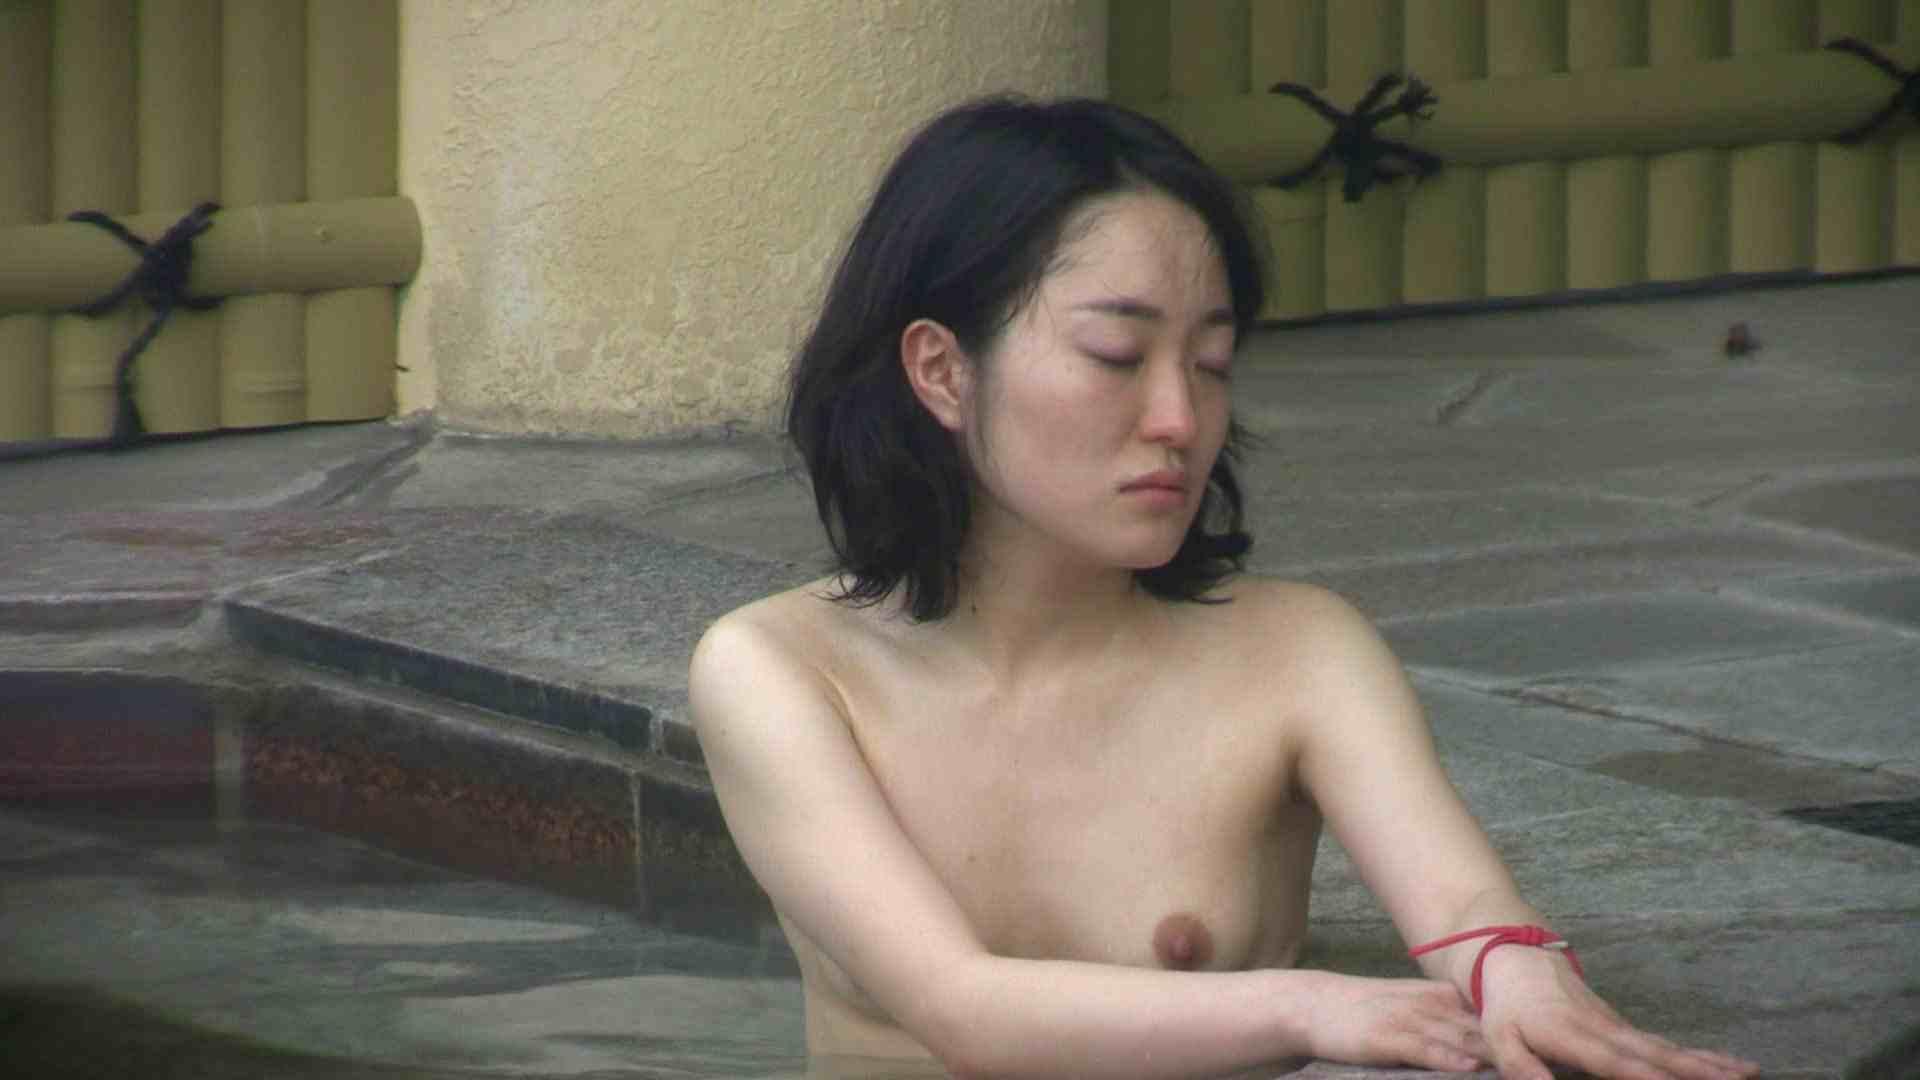 Aquaな露天風呂Vol.681 盗撮動画 | 露天風呂  11枚 7